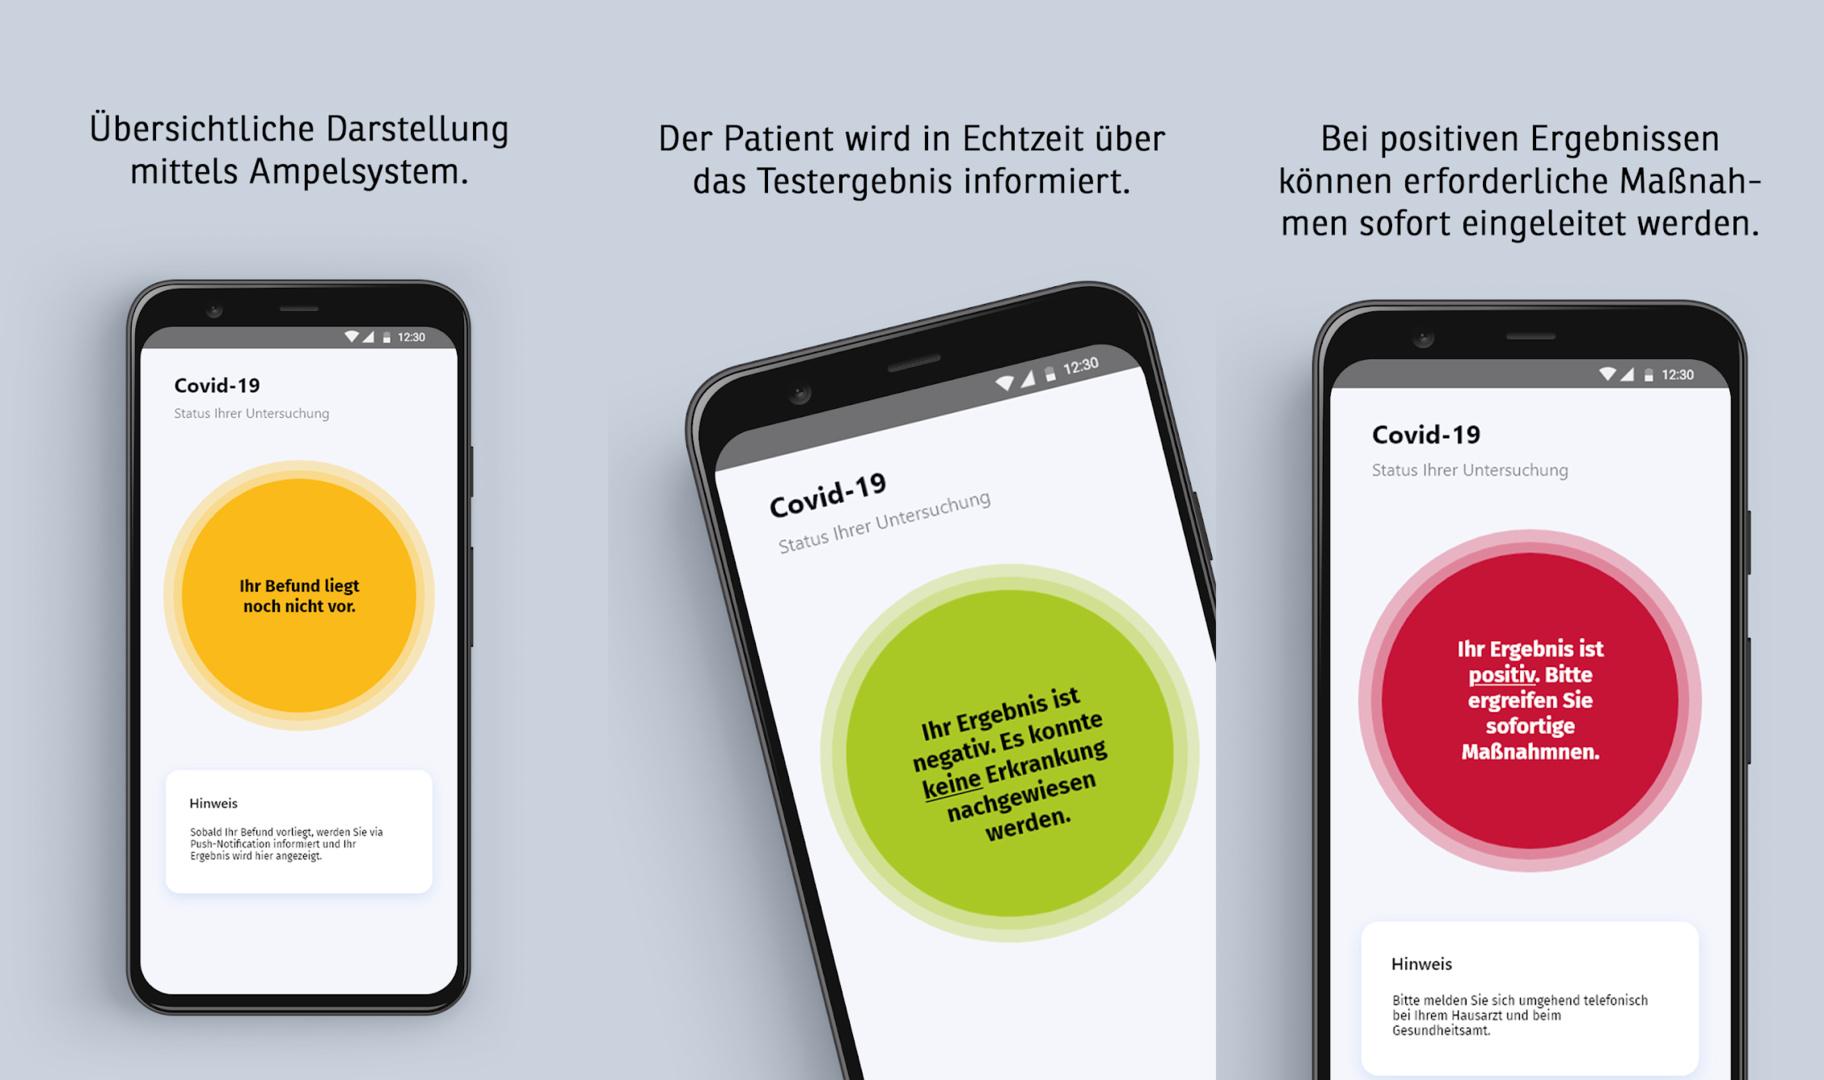 Die Corona-App der Deutschen Telekom soll schnellere Testergebnisse liefern